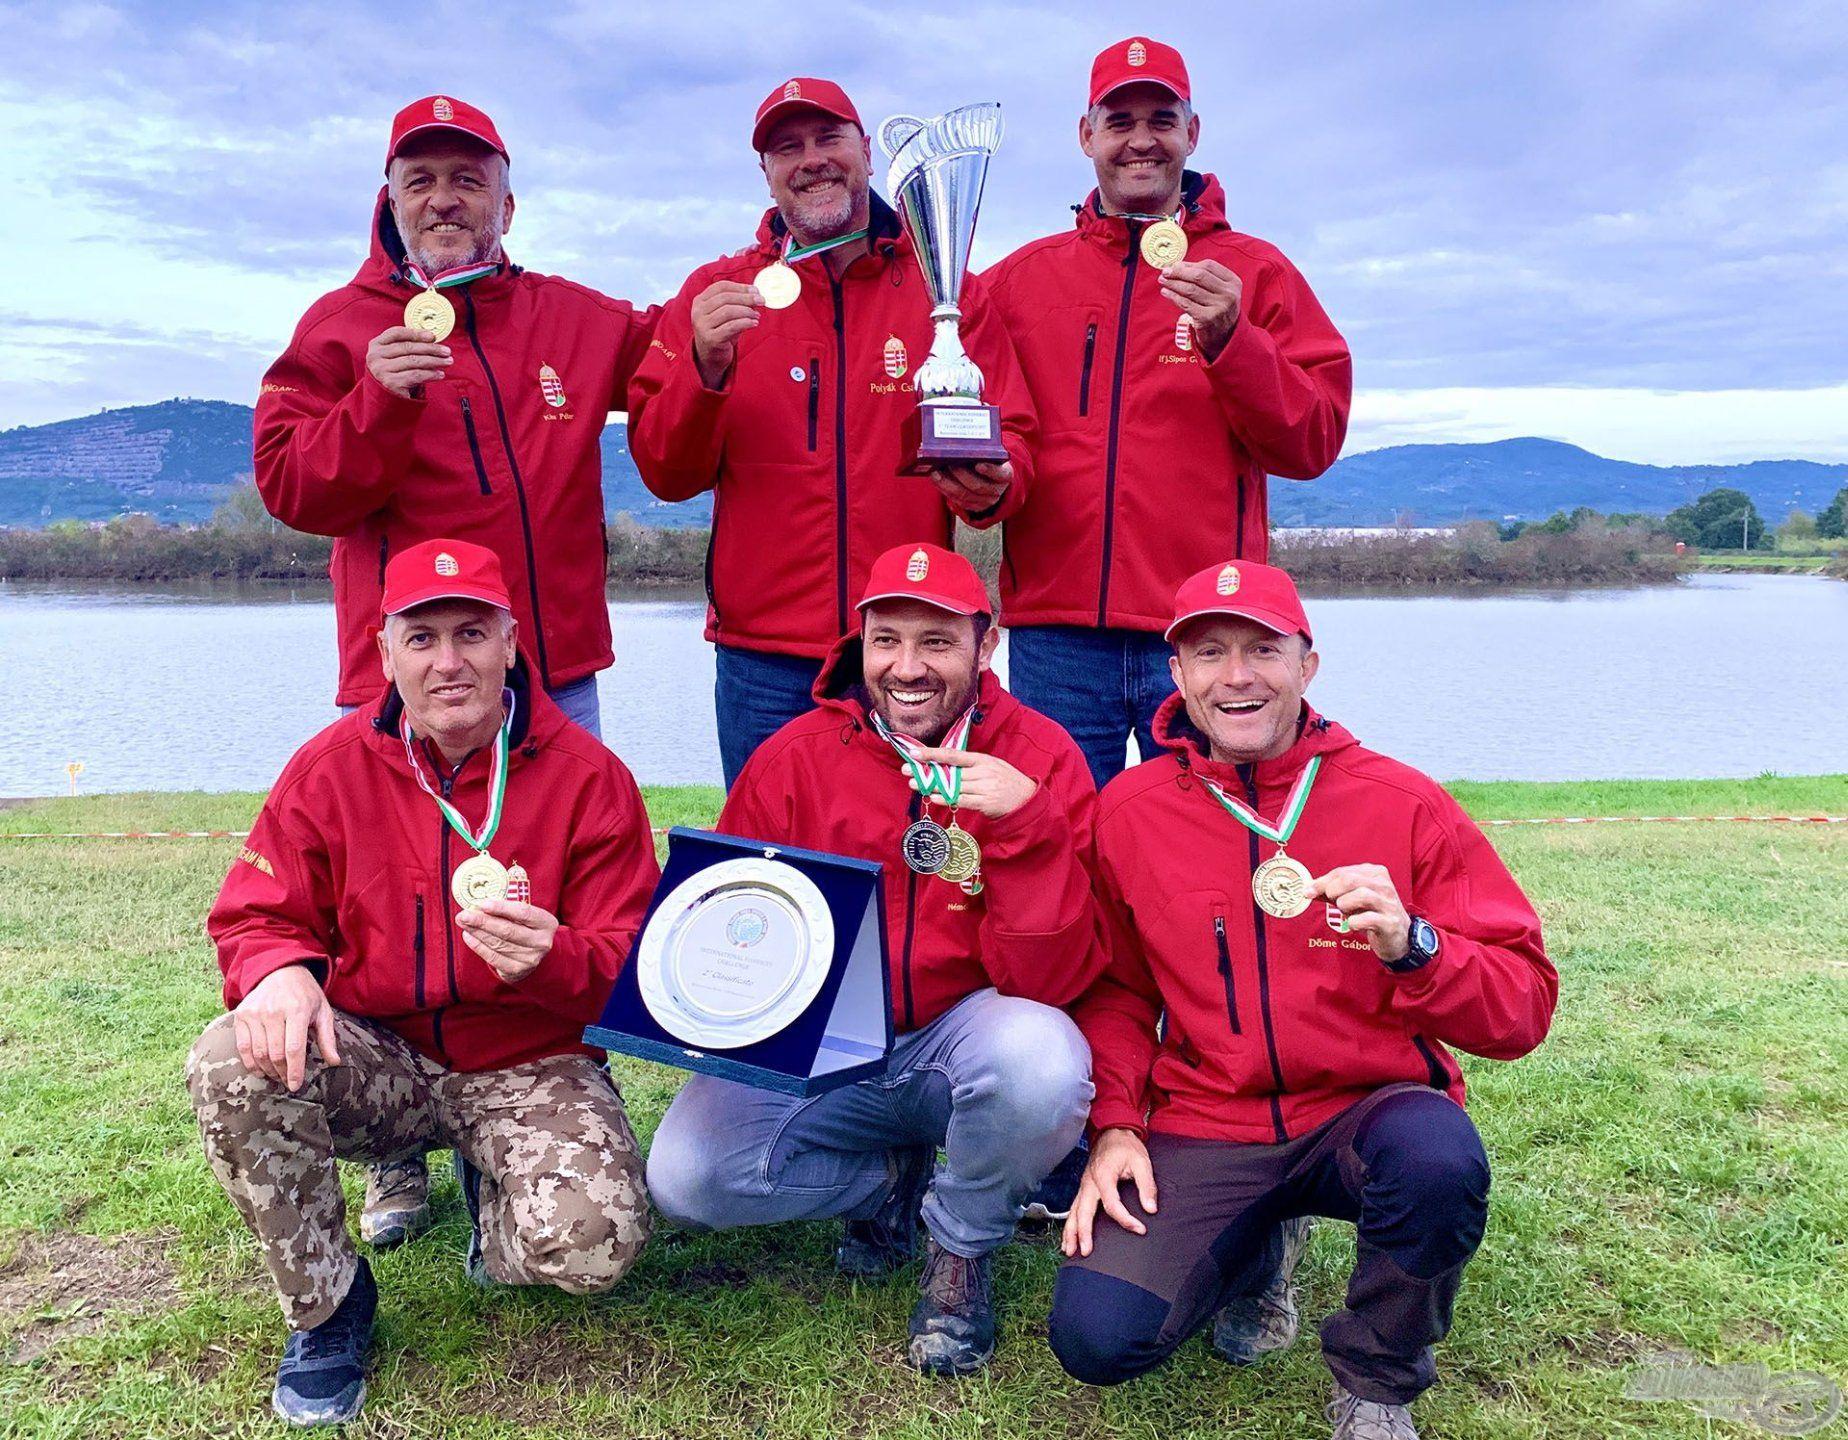 A method szakágban is megnyertük a legrangosabb ilyen jellegű versenyt, az Olaszországban megrendezett 1. International Feeder Challenge bajnokságot